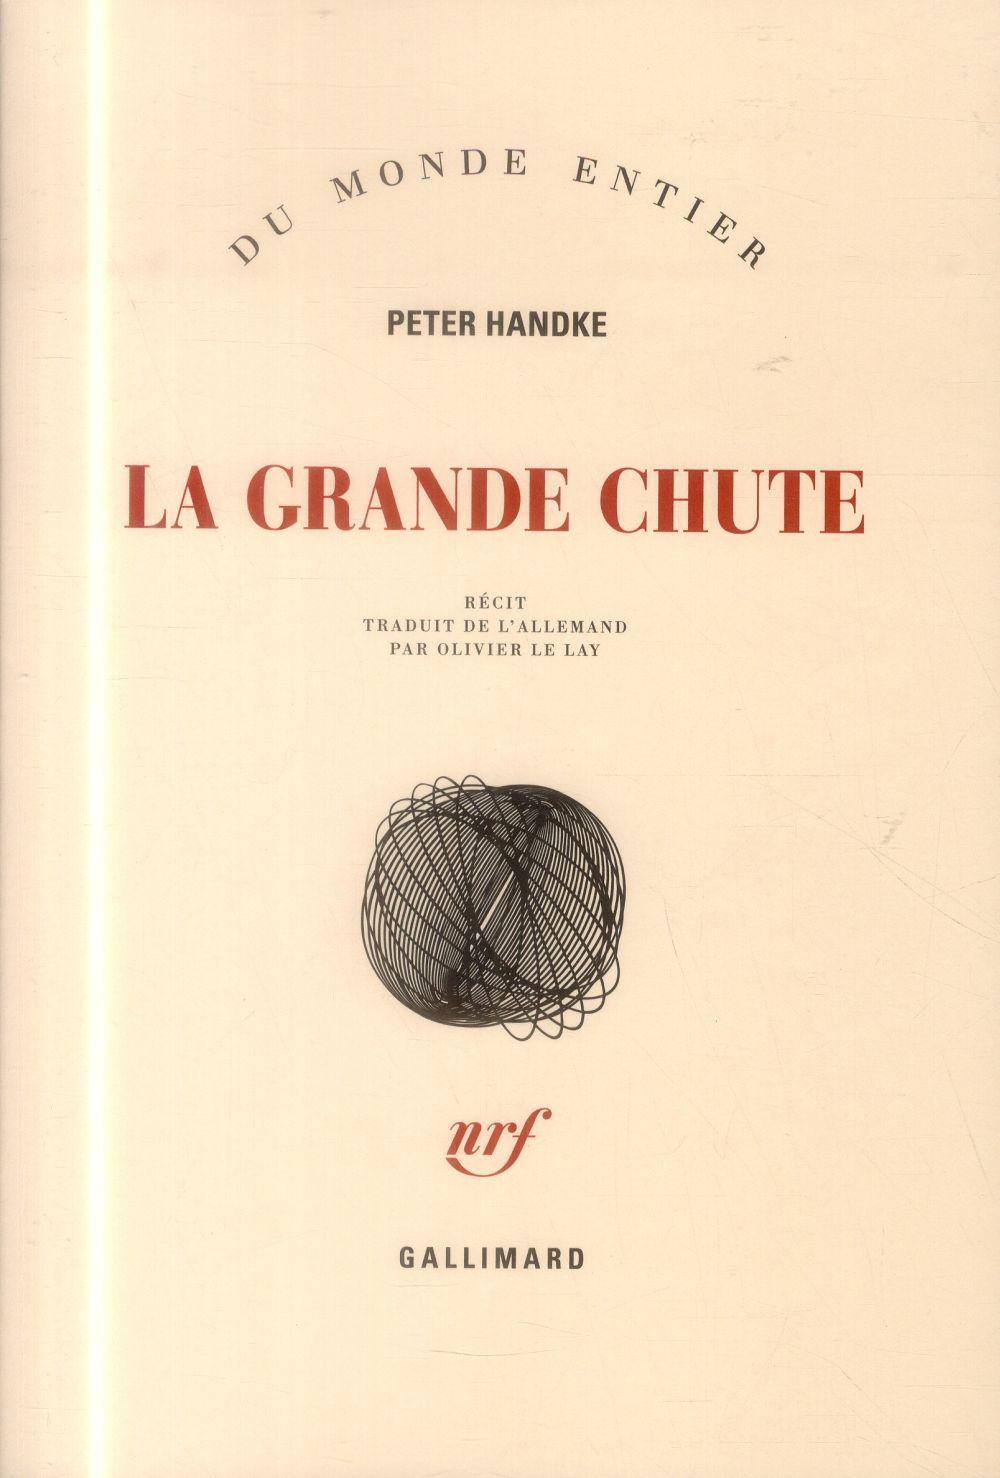 LA GRANDE CHUTE